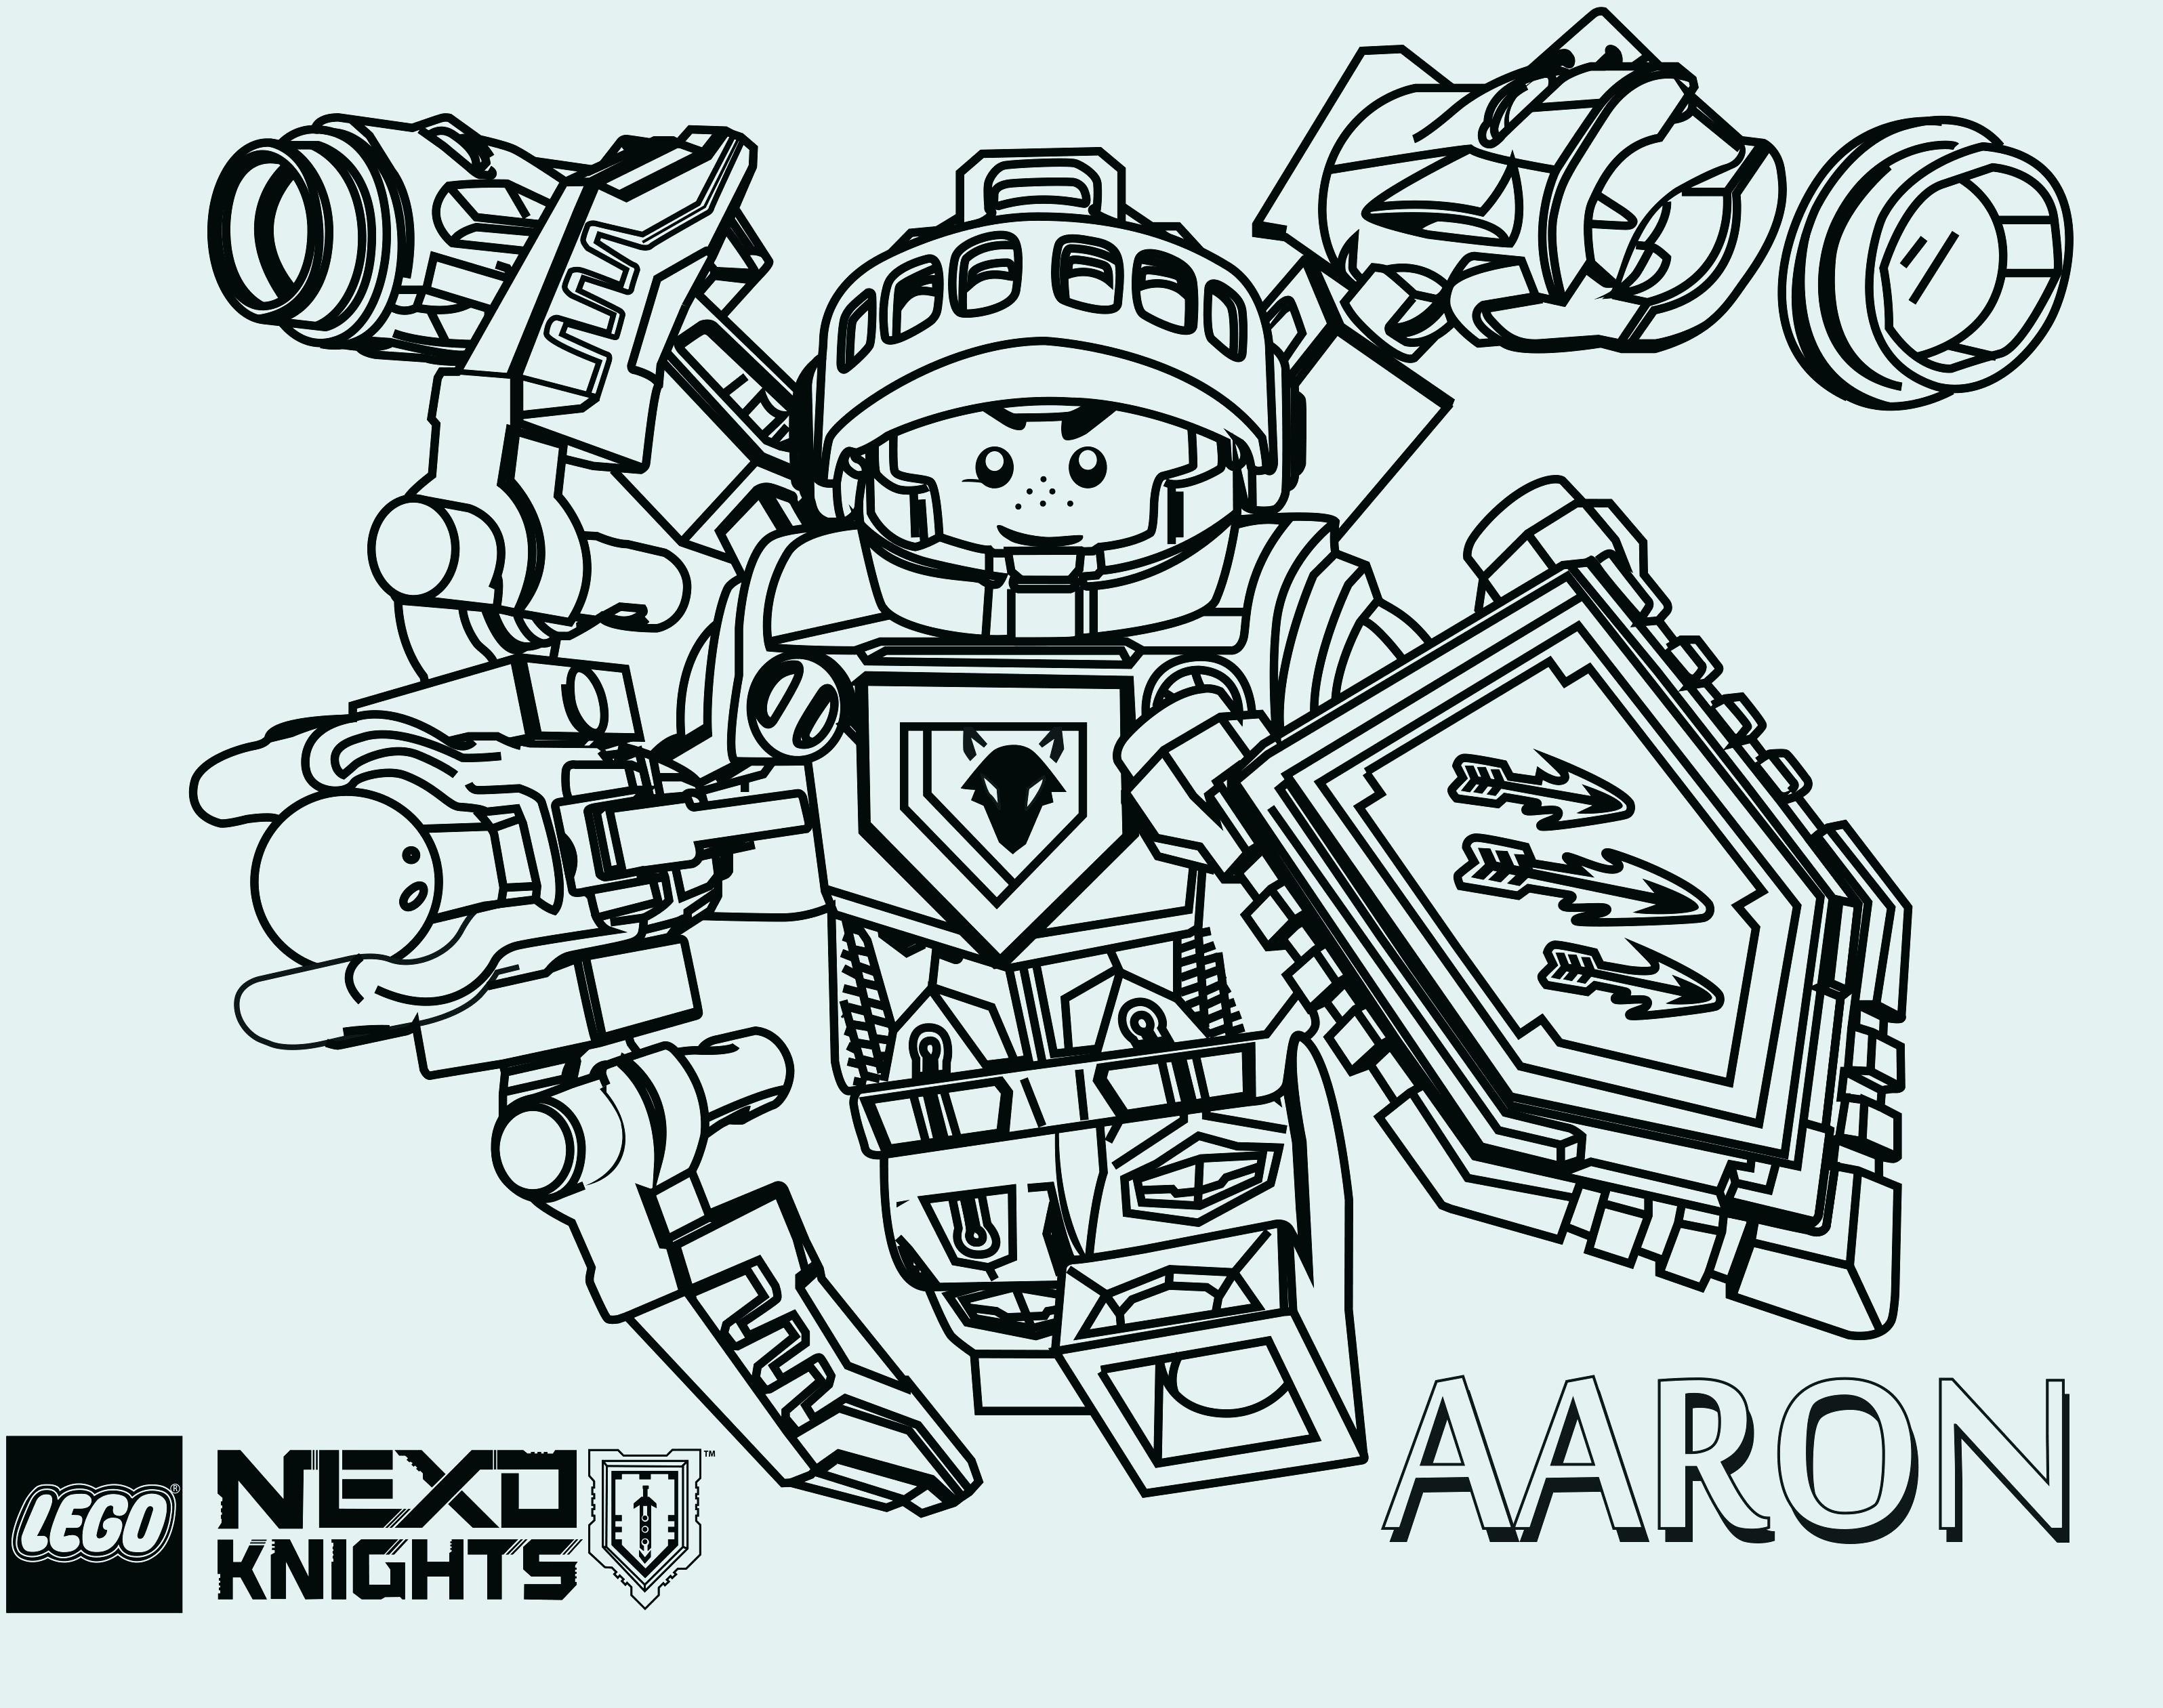 Ausmalbilder Lego Nexo Knights Einzigartig Eine Sammlung Von Färbung Bilder Lego Ninjago Malvorlagen Stock